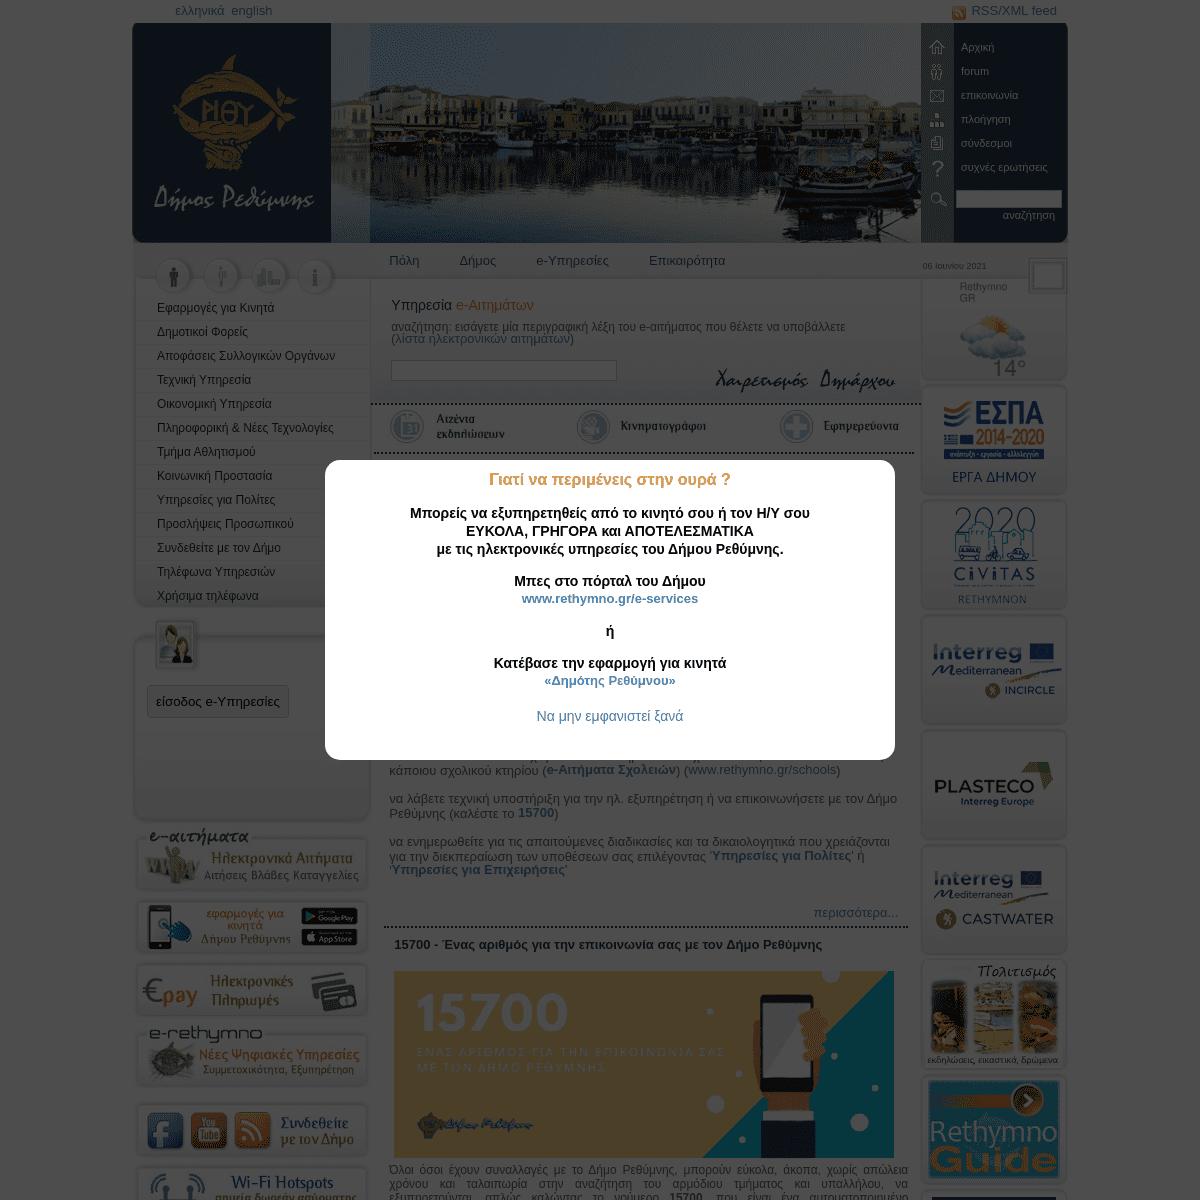 Δήμος Ρεθύμνου - Επίσημη Ιστοσελίδα